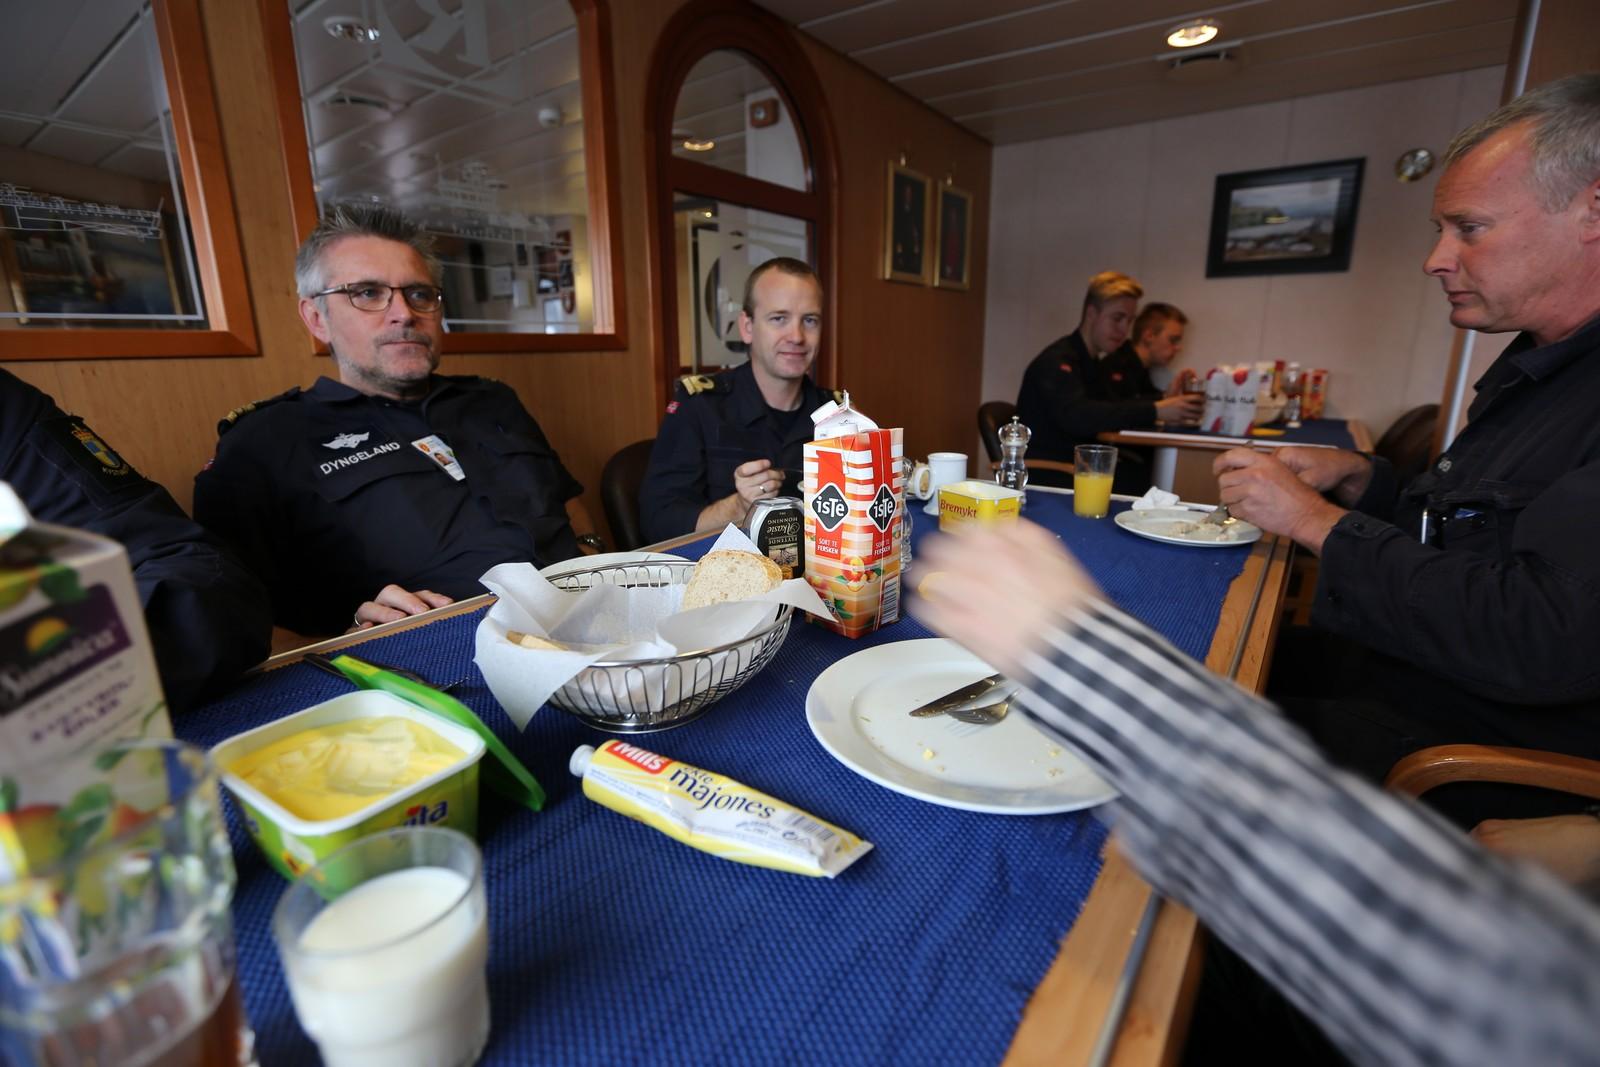 LUNSJPAUSE: (Fra v.) Gunnar Dyngeland, Andreas Marstrander og skipssjef Jon Skålheim.